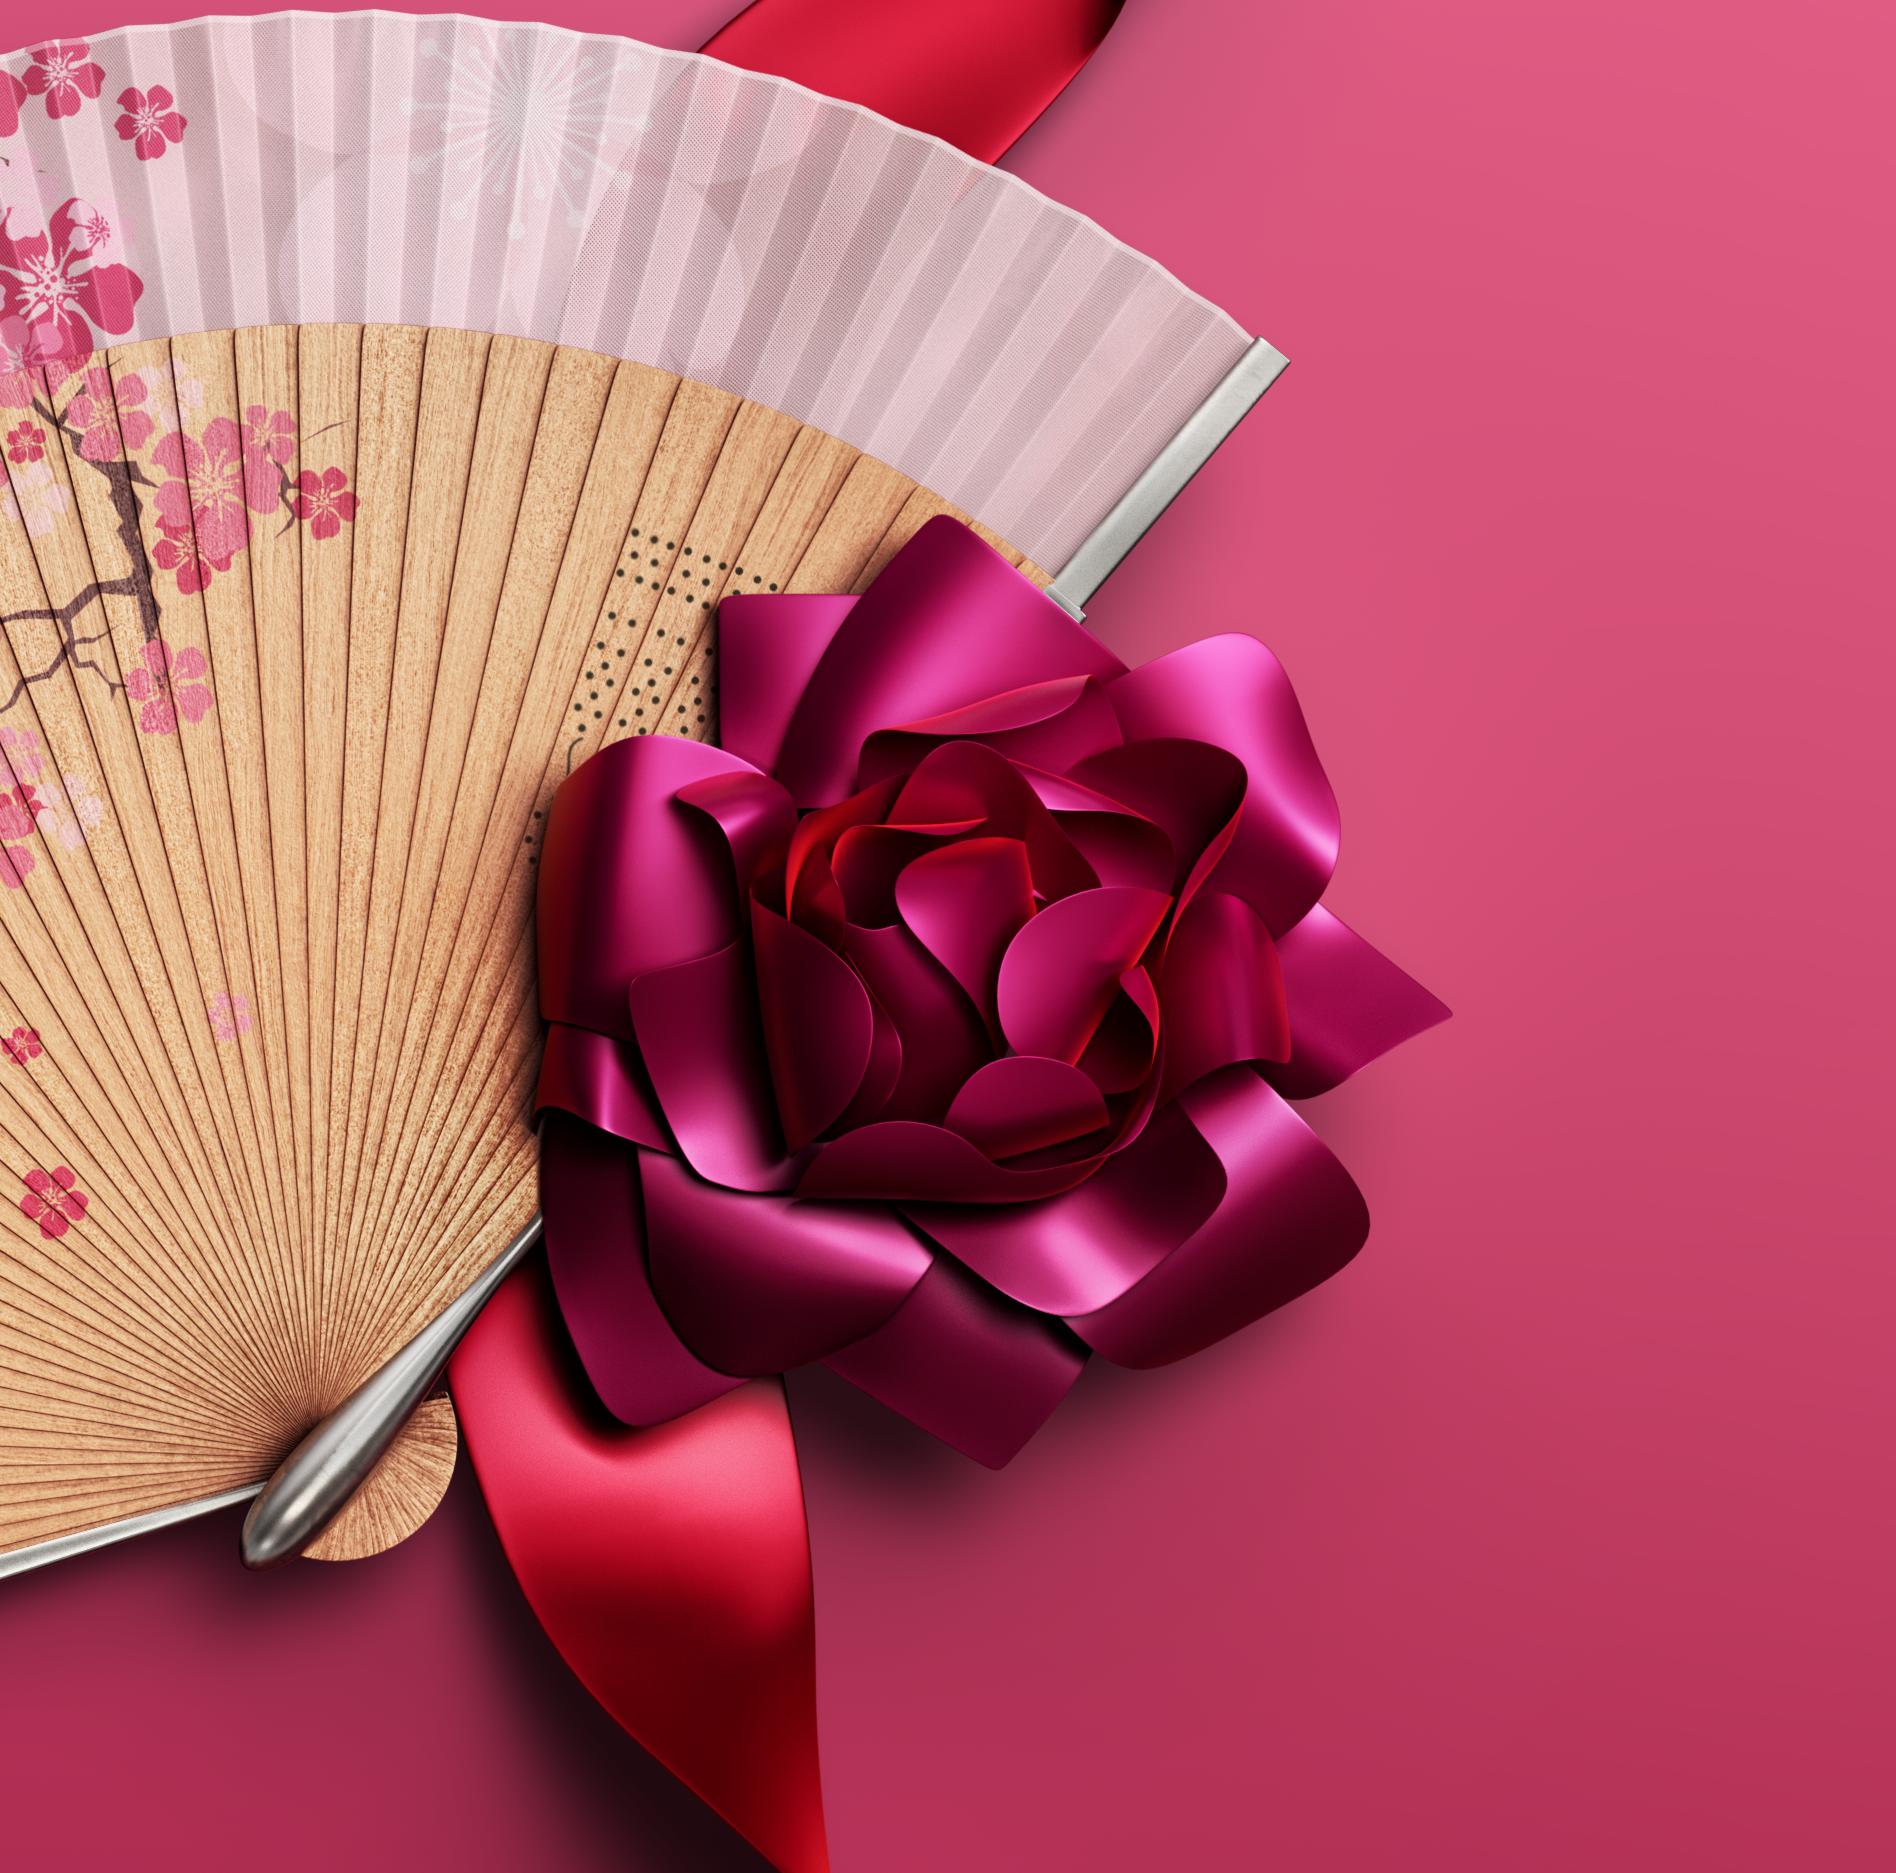 MOE_Chinese_Crop3.png